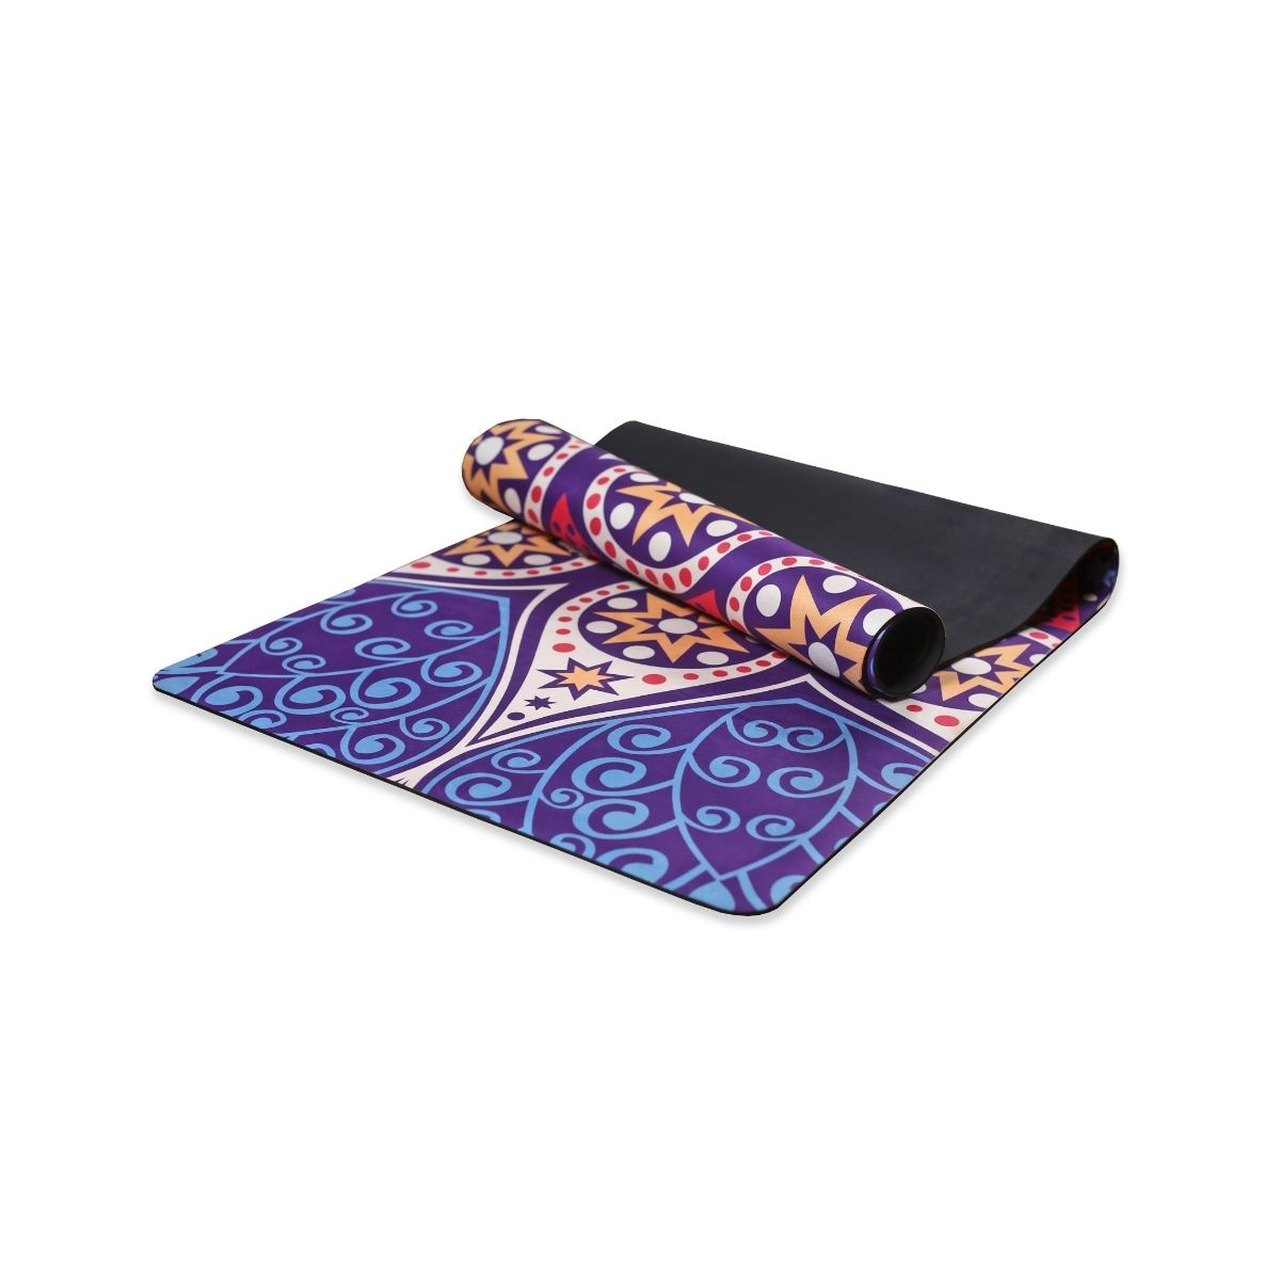 Tapete Yoga Dobrável Viagem Estrela - Aveludado + Borracha Natural 1,5mm